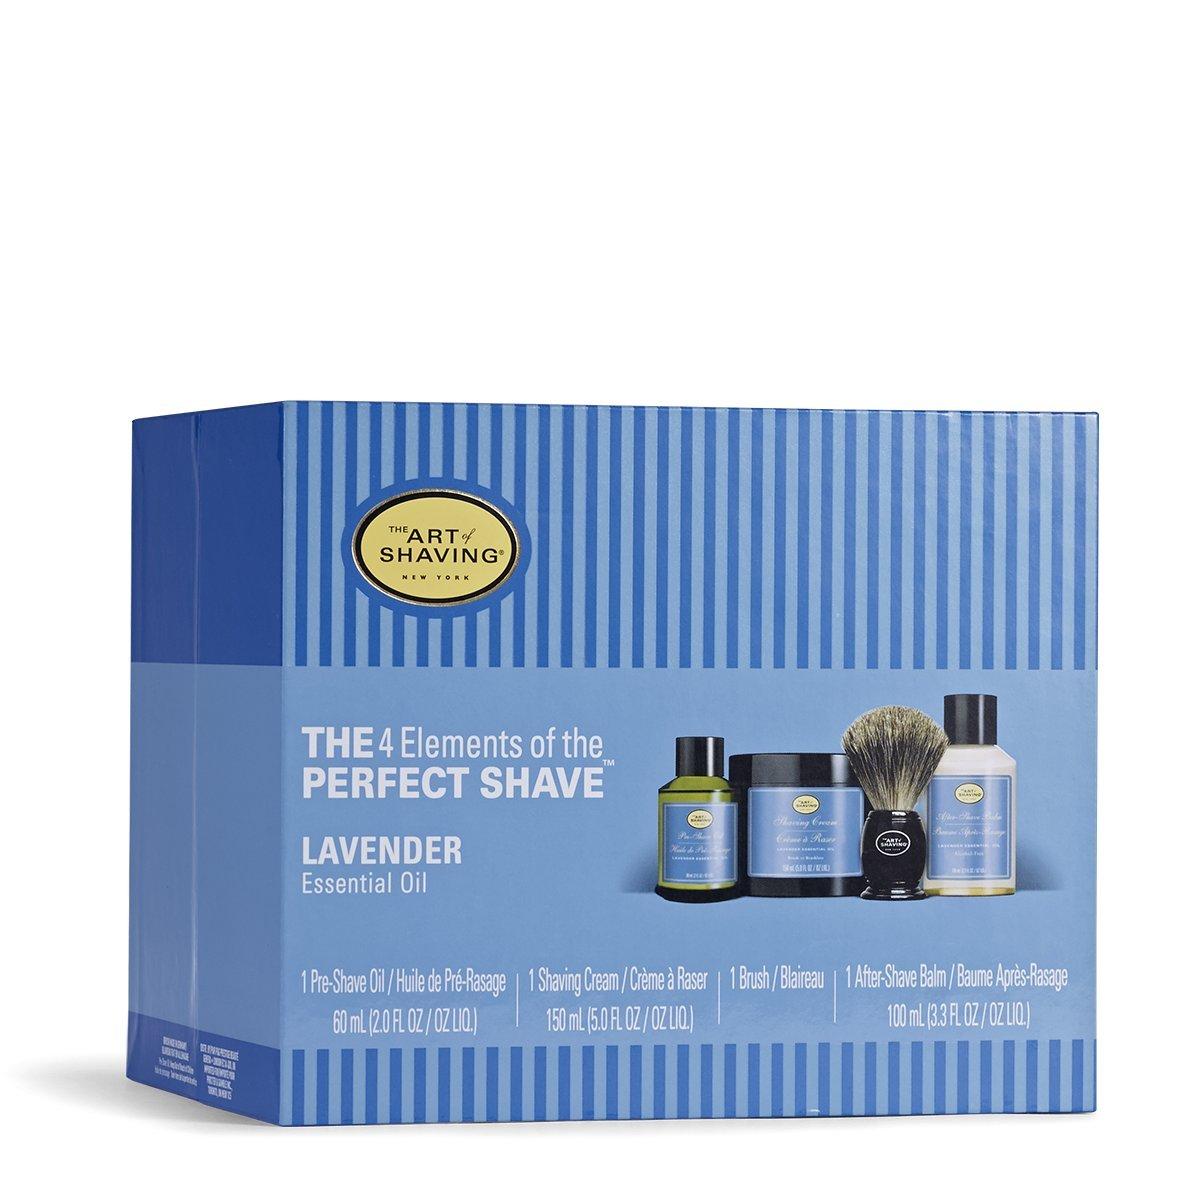 The Art of Shaving Full Size Kit, Lavender, 889g